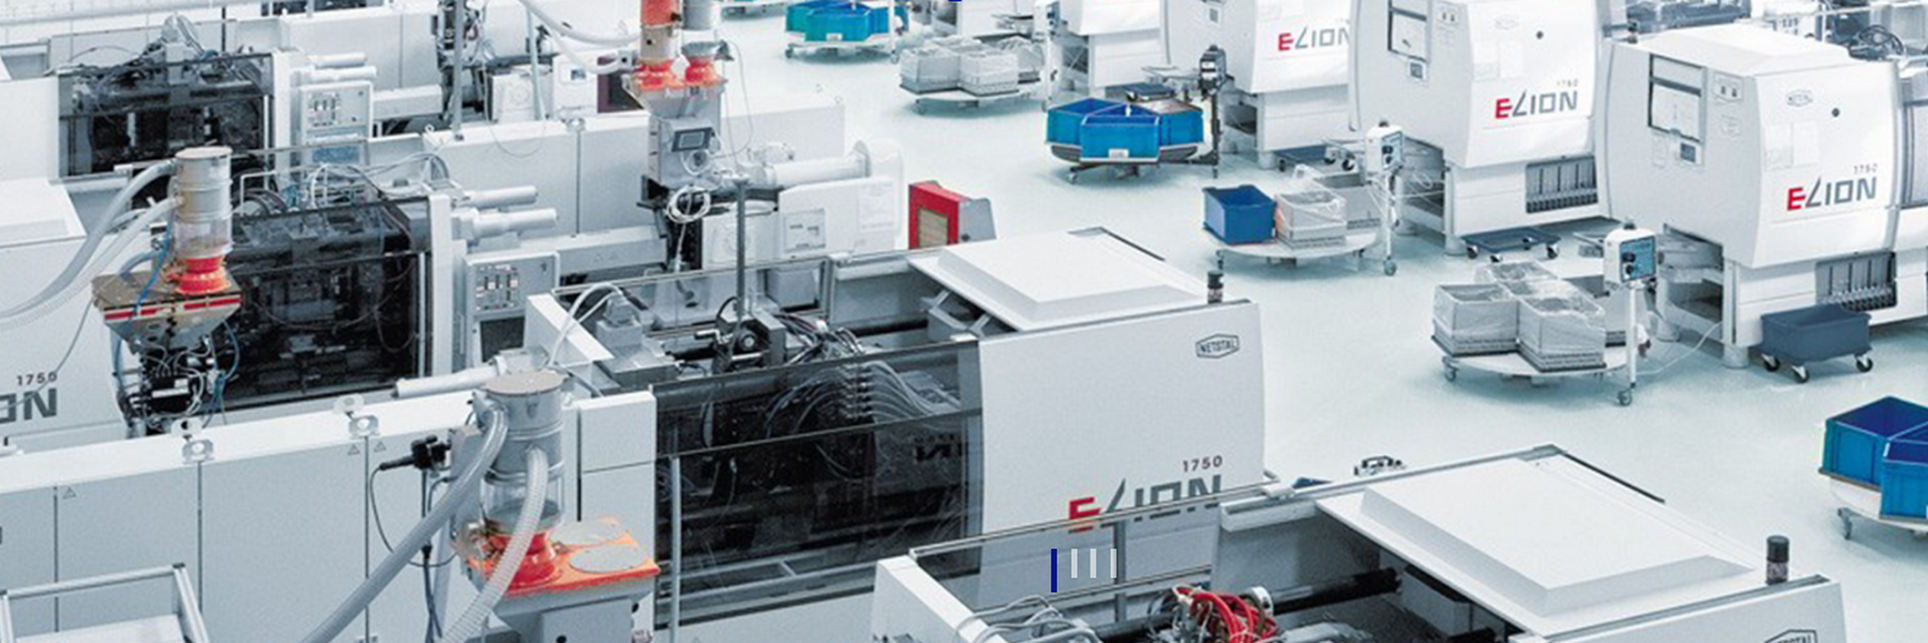 LUGER spol. s r.o. - komplexní řešení technologie zpracování plastů